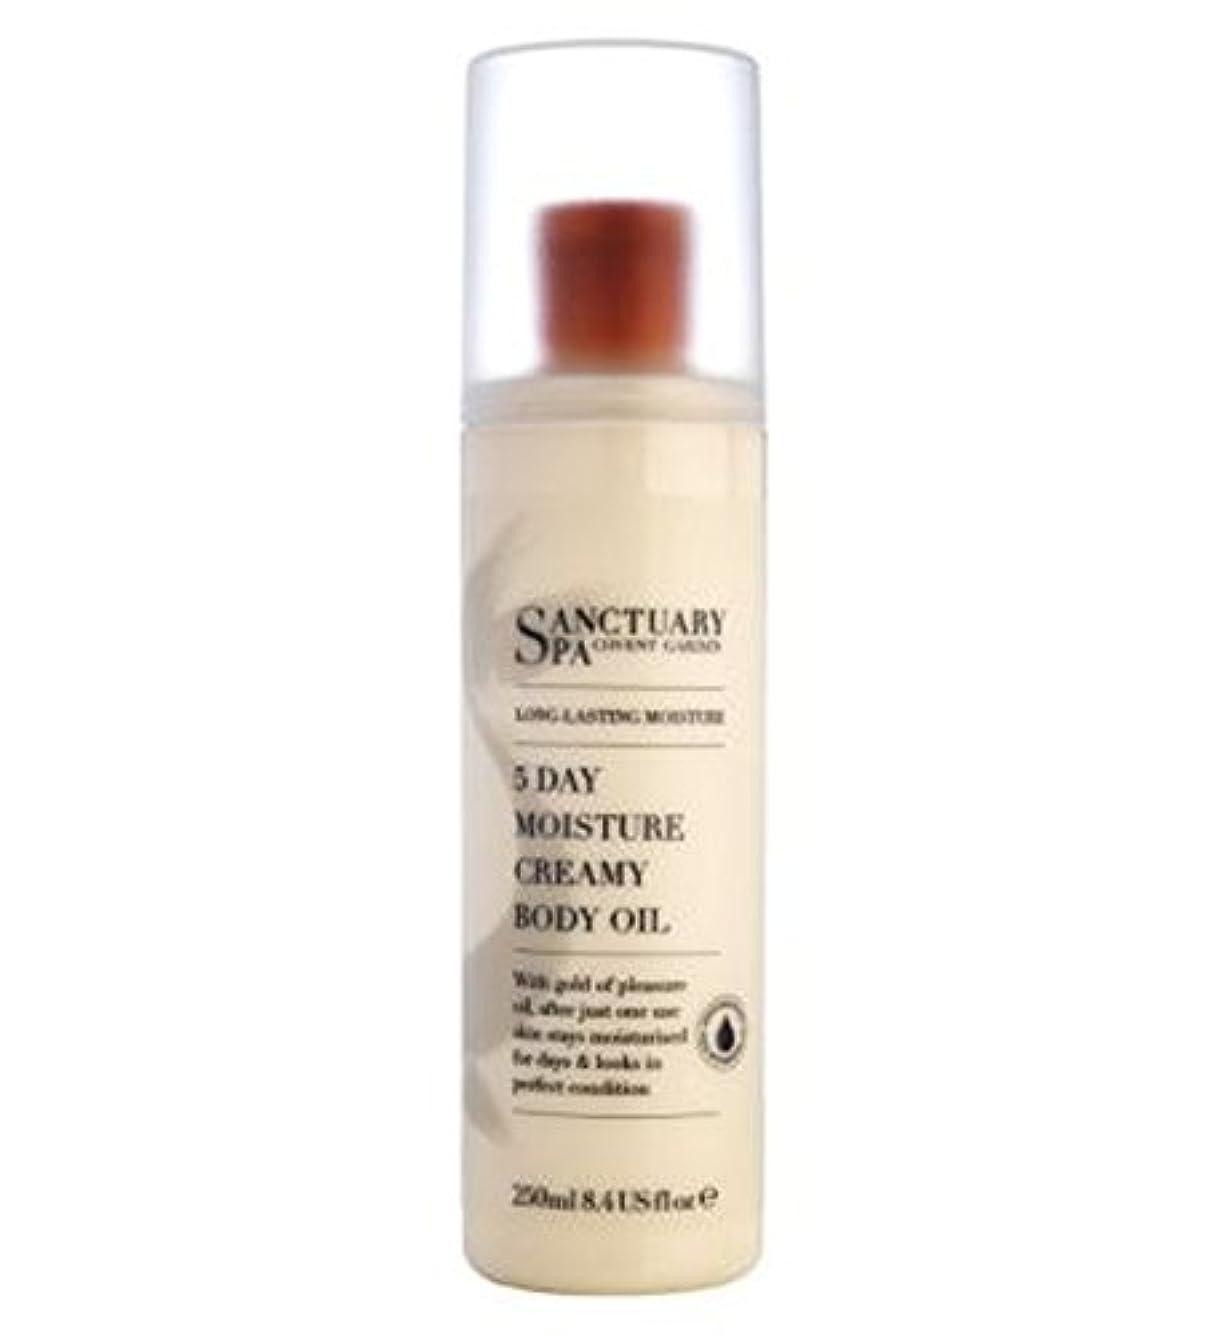 散髪監督するジュースSanctuary Long Lasting Moisture 5 Day Moisture Creamy Body Oil 250ml - 聖域長期的な水分5日間の水分クリーミーボディオイル250ミリリットル (Sanctuary...